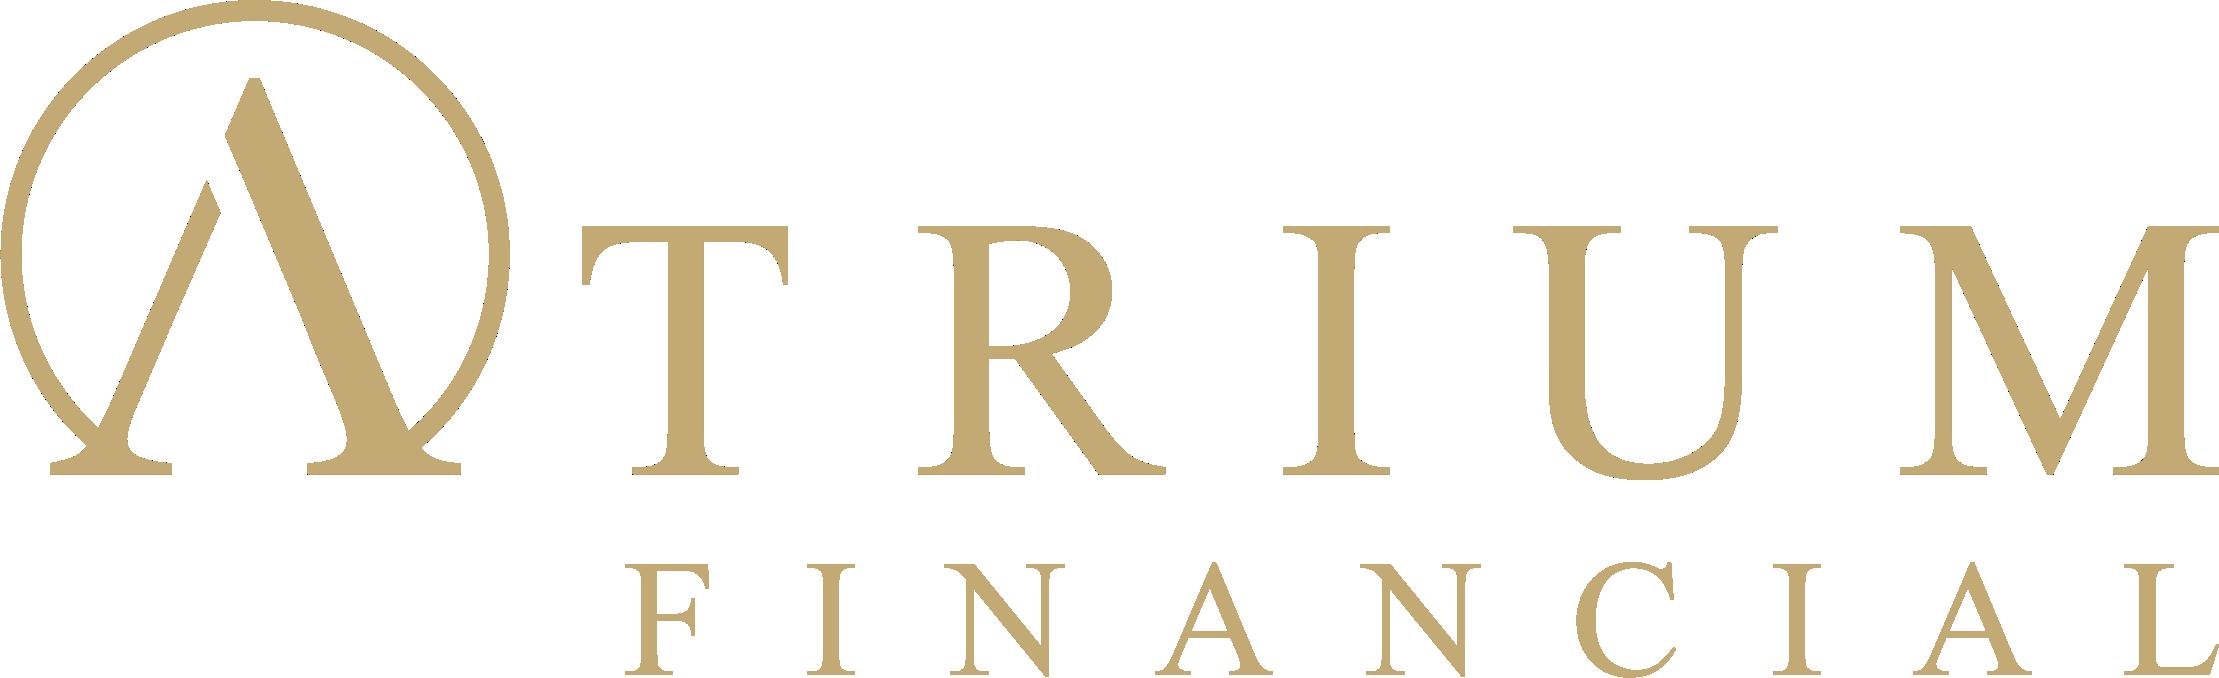 ATRIUM-white-gold